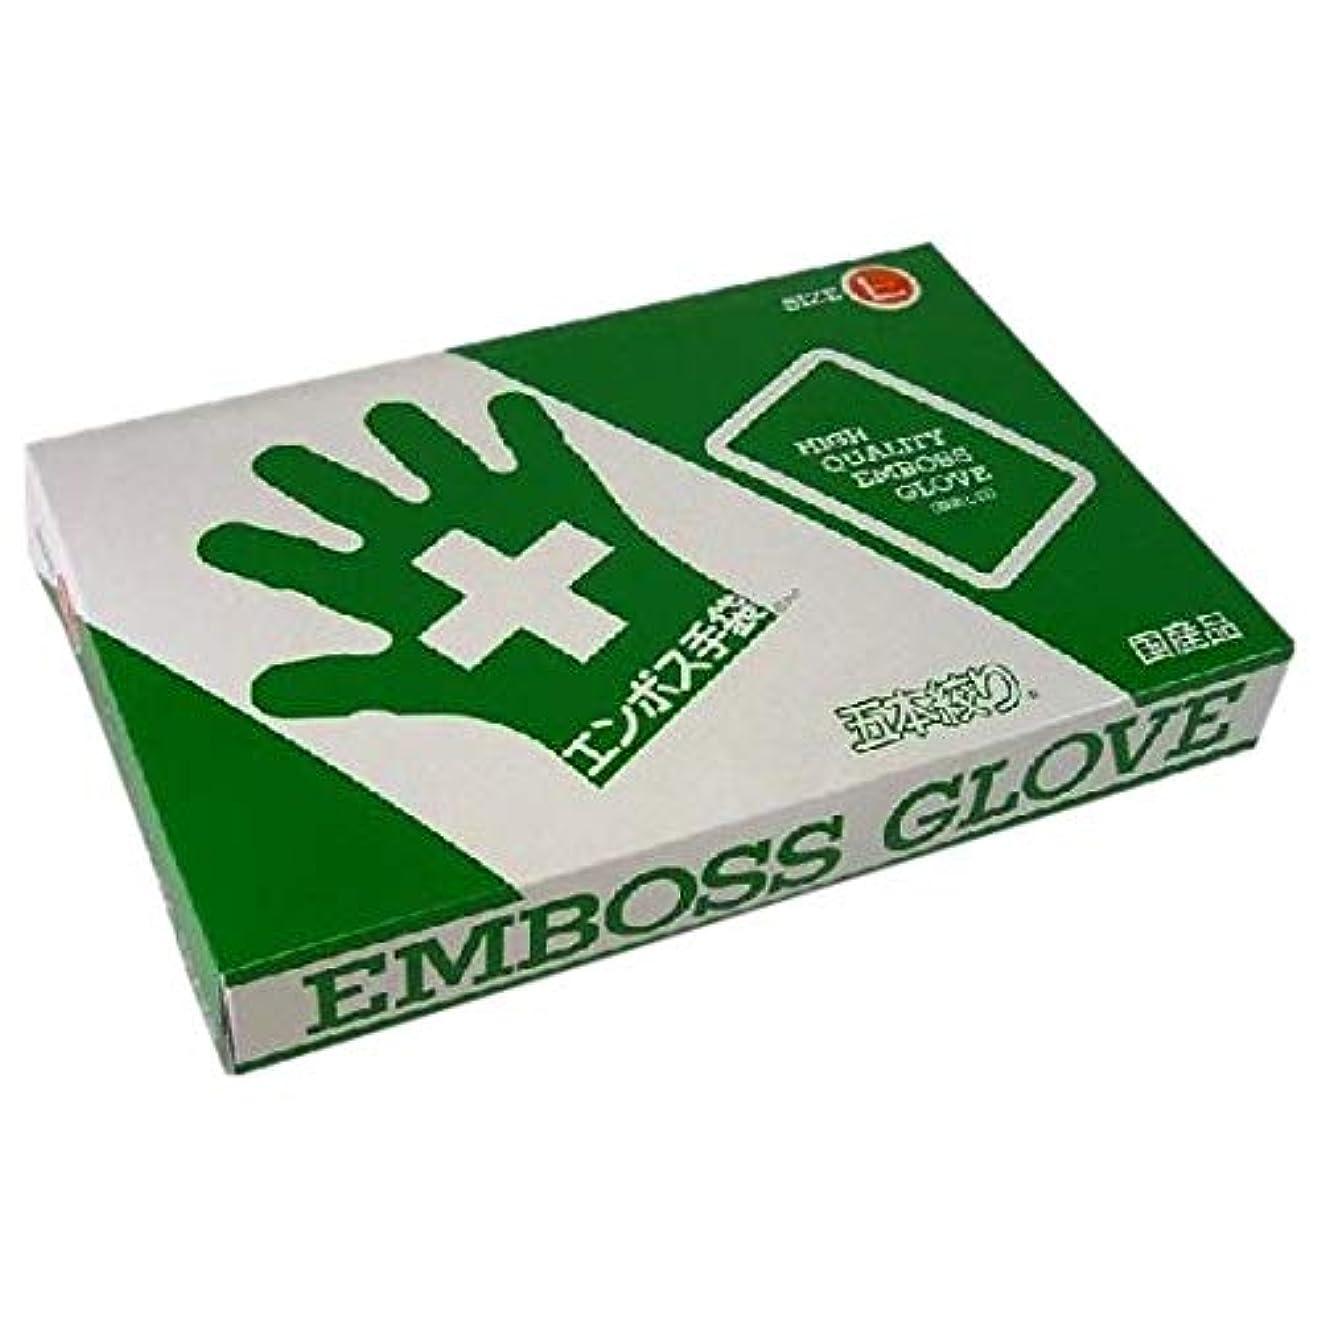 エンボス手袋 5本絞り(使い捨て手袋国産品) 東京パック L 200枚入x20箱入り